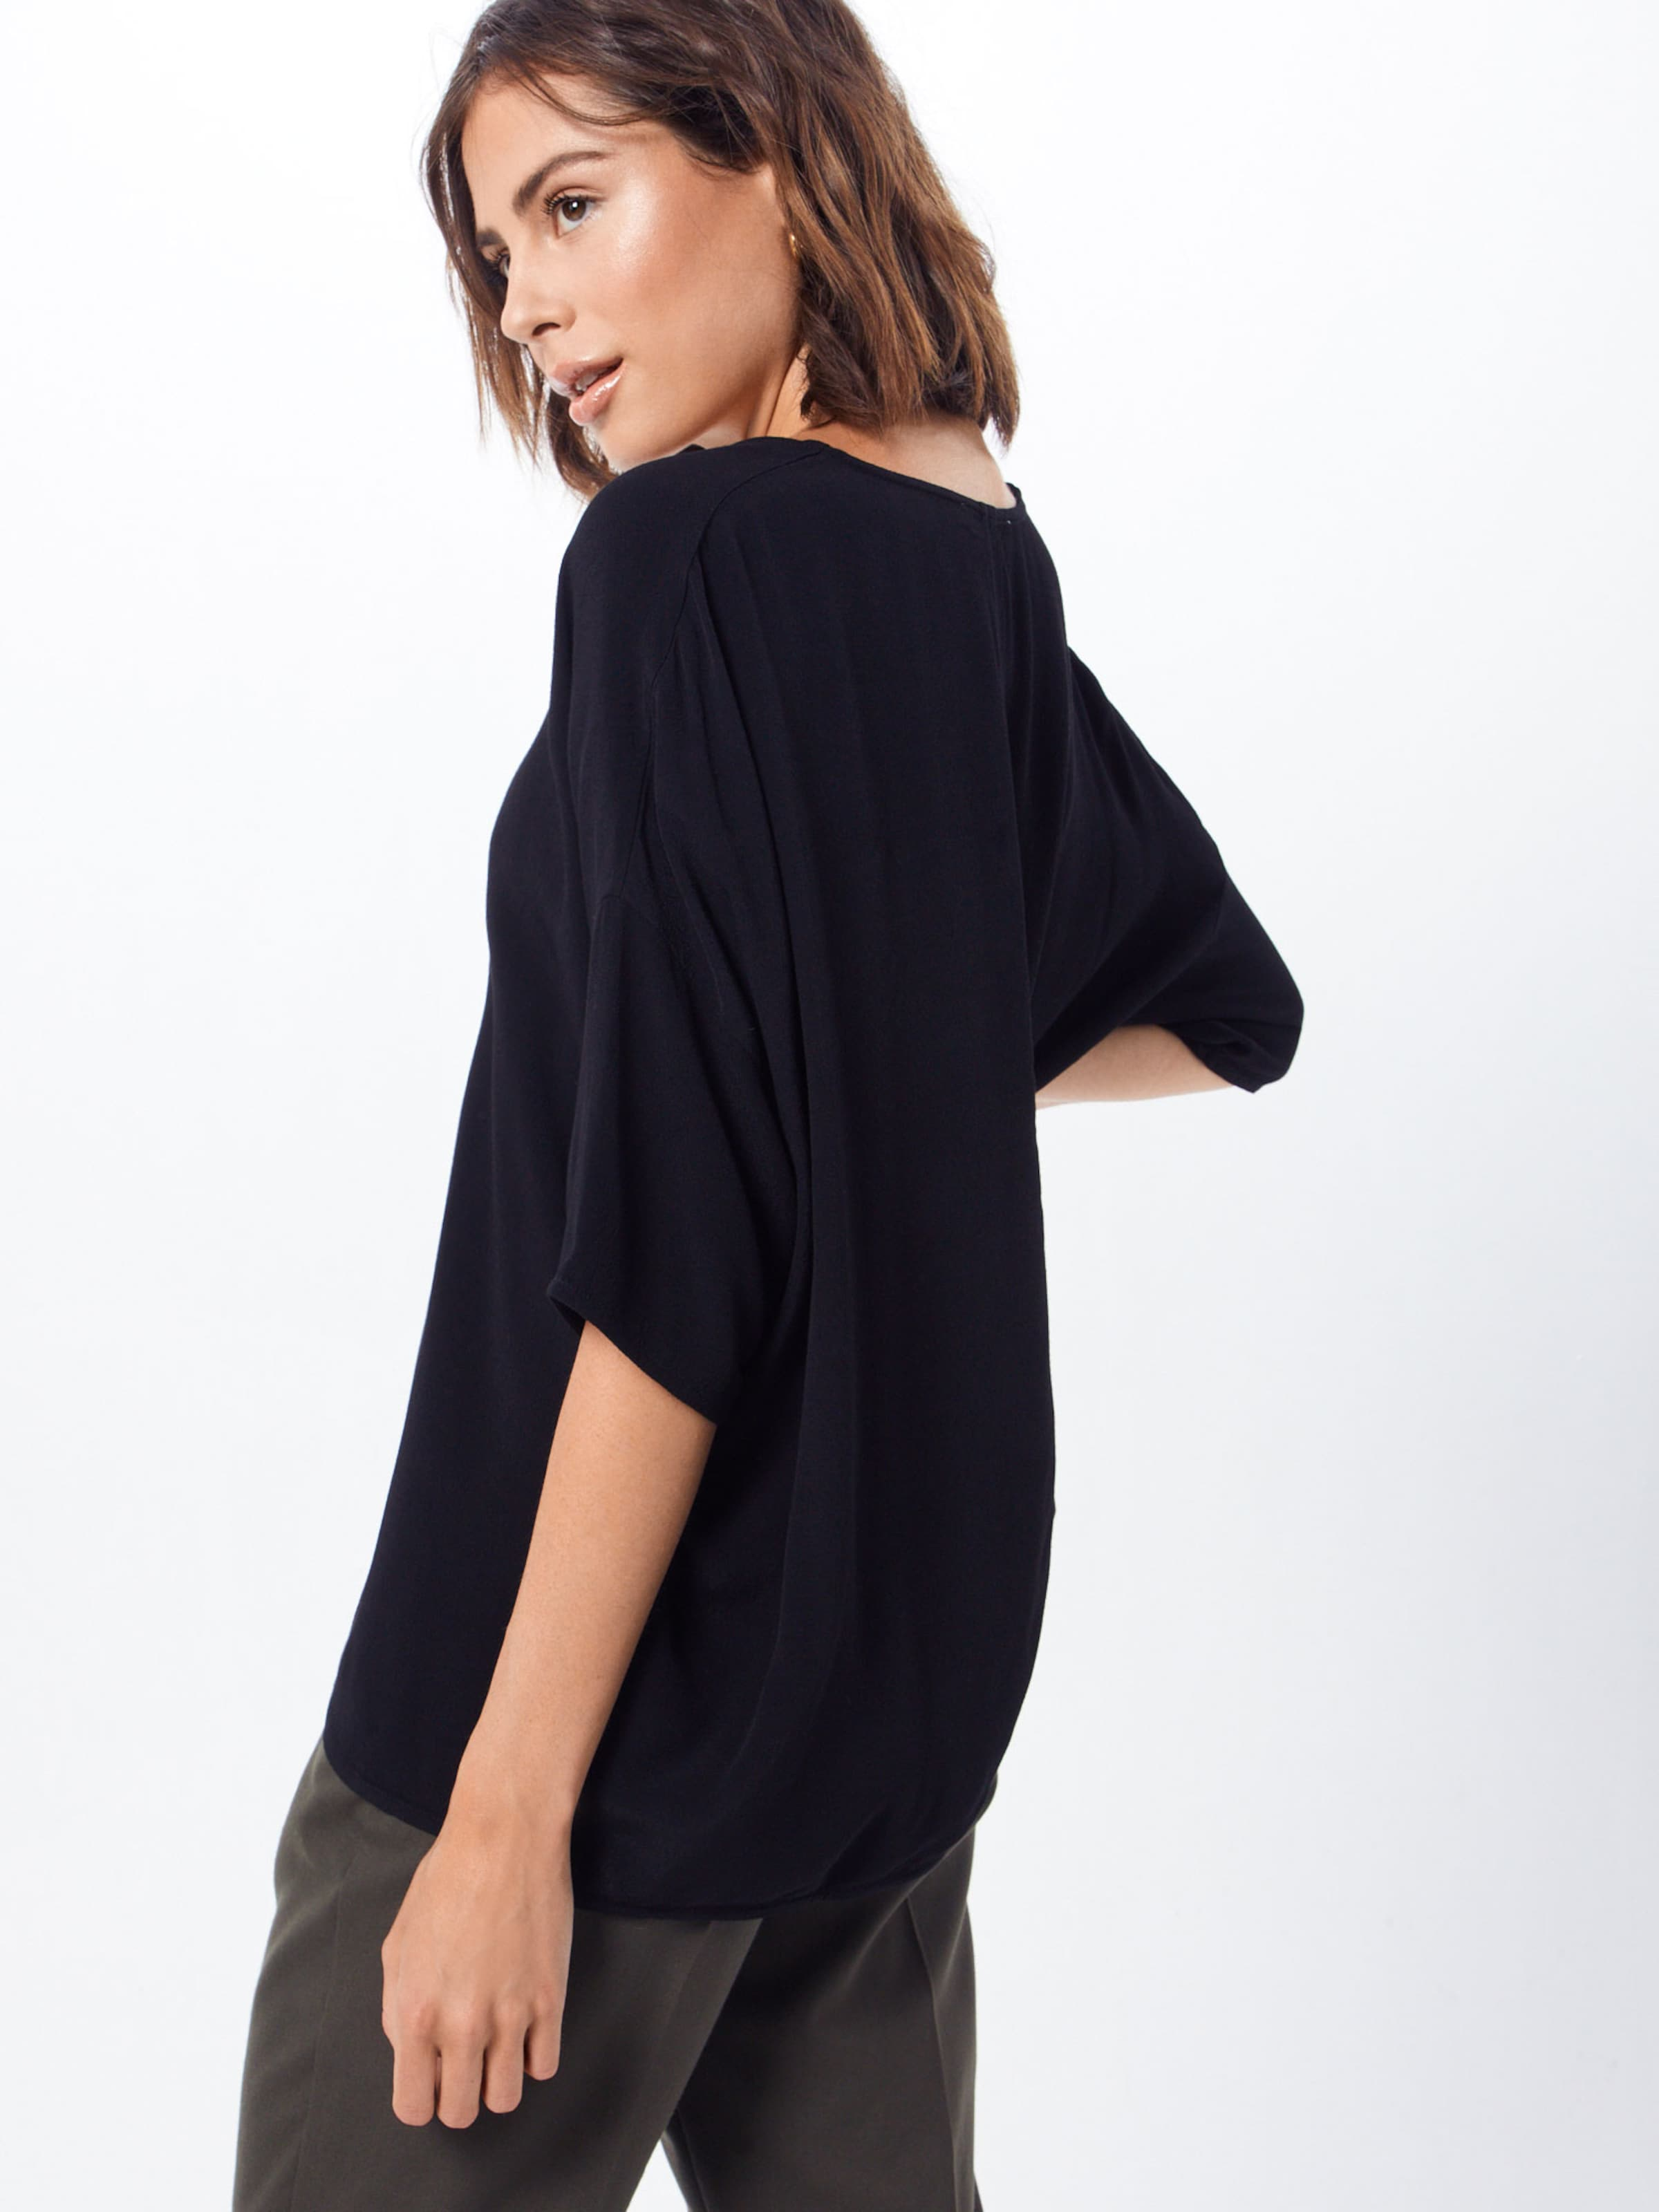 Shirt Schwarz Samsoeamp; In In Schwarz Samsoeamp; Samsoeamp; Shirt Samsoeamp; Shirt In Schwarz CerWdxBo